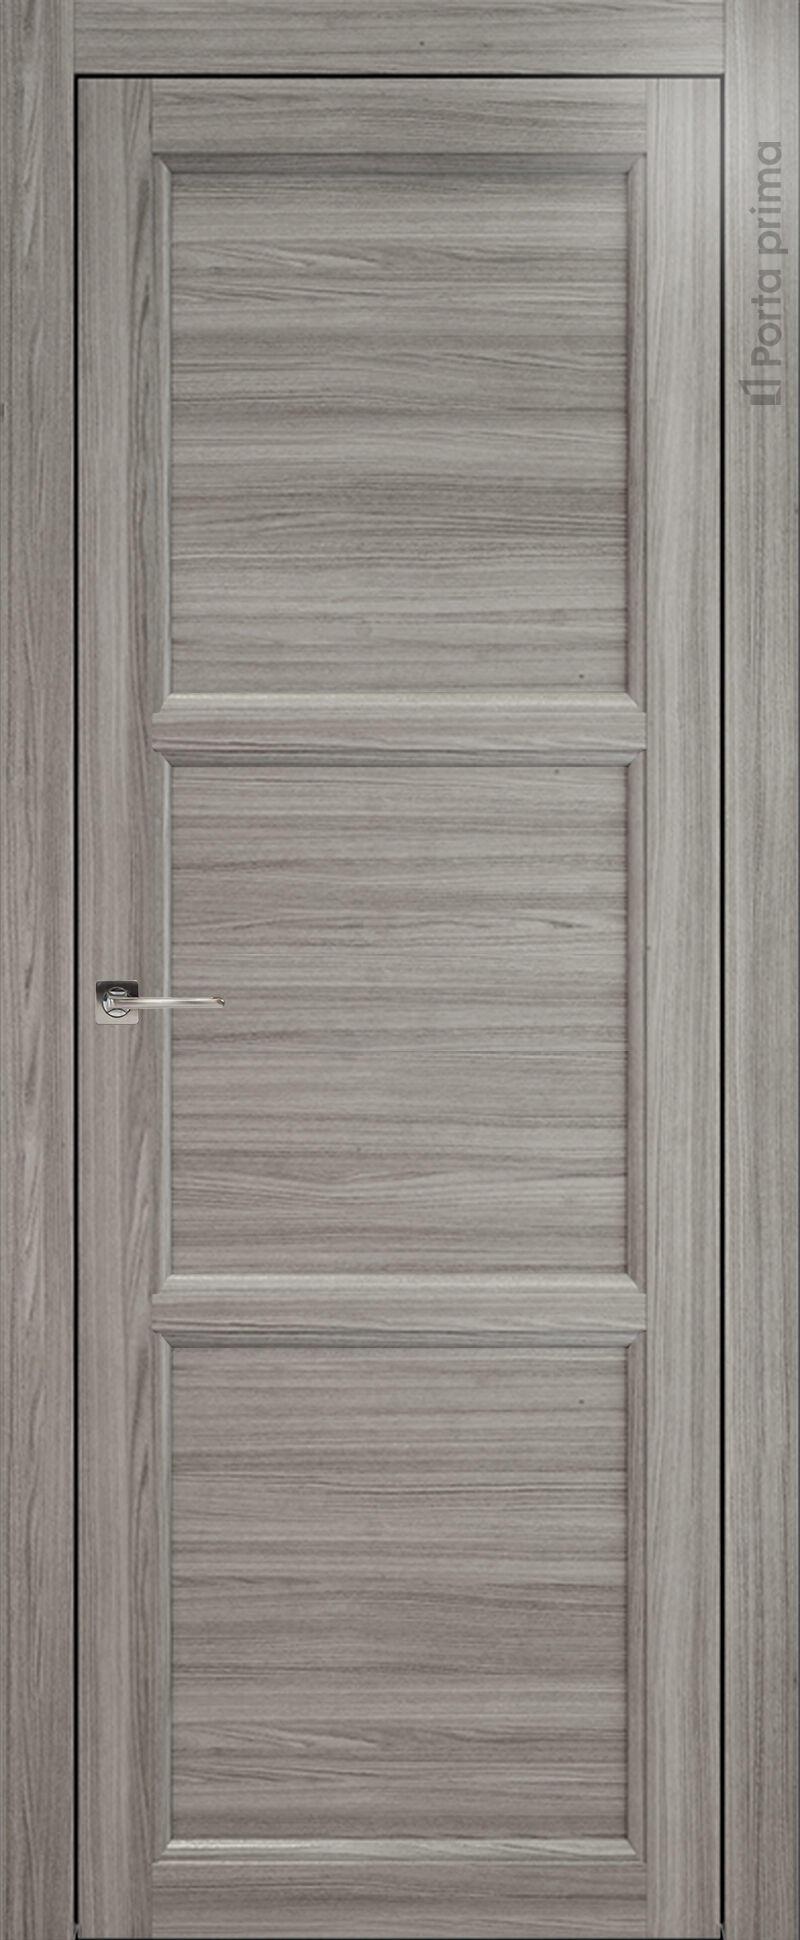 Sorrento-R А2 цвет - Орех пепельный Без стекла (ДГ)